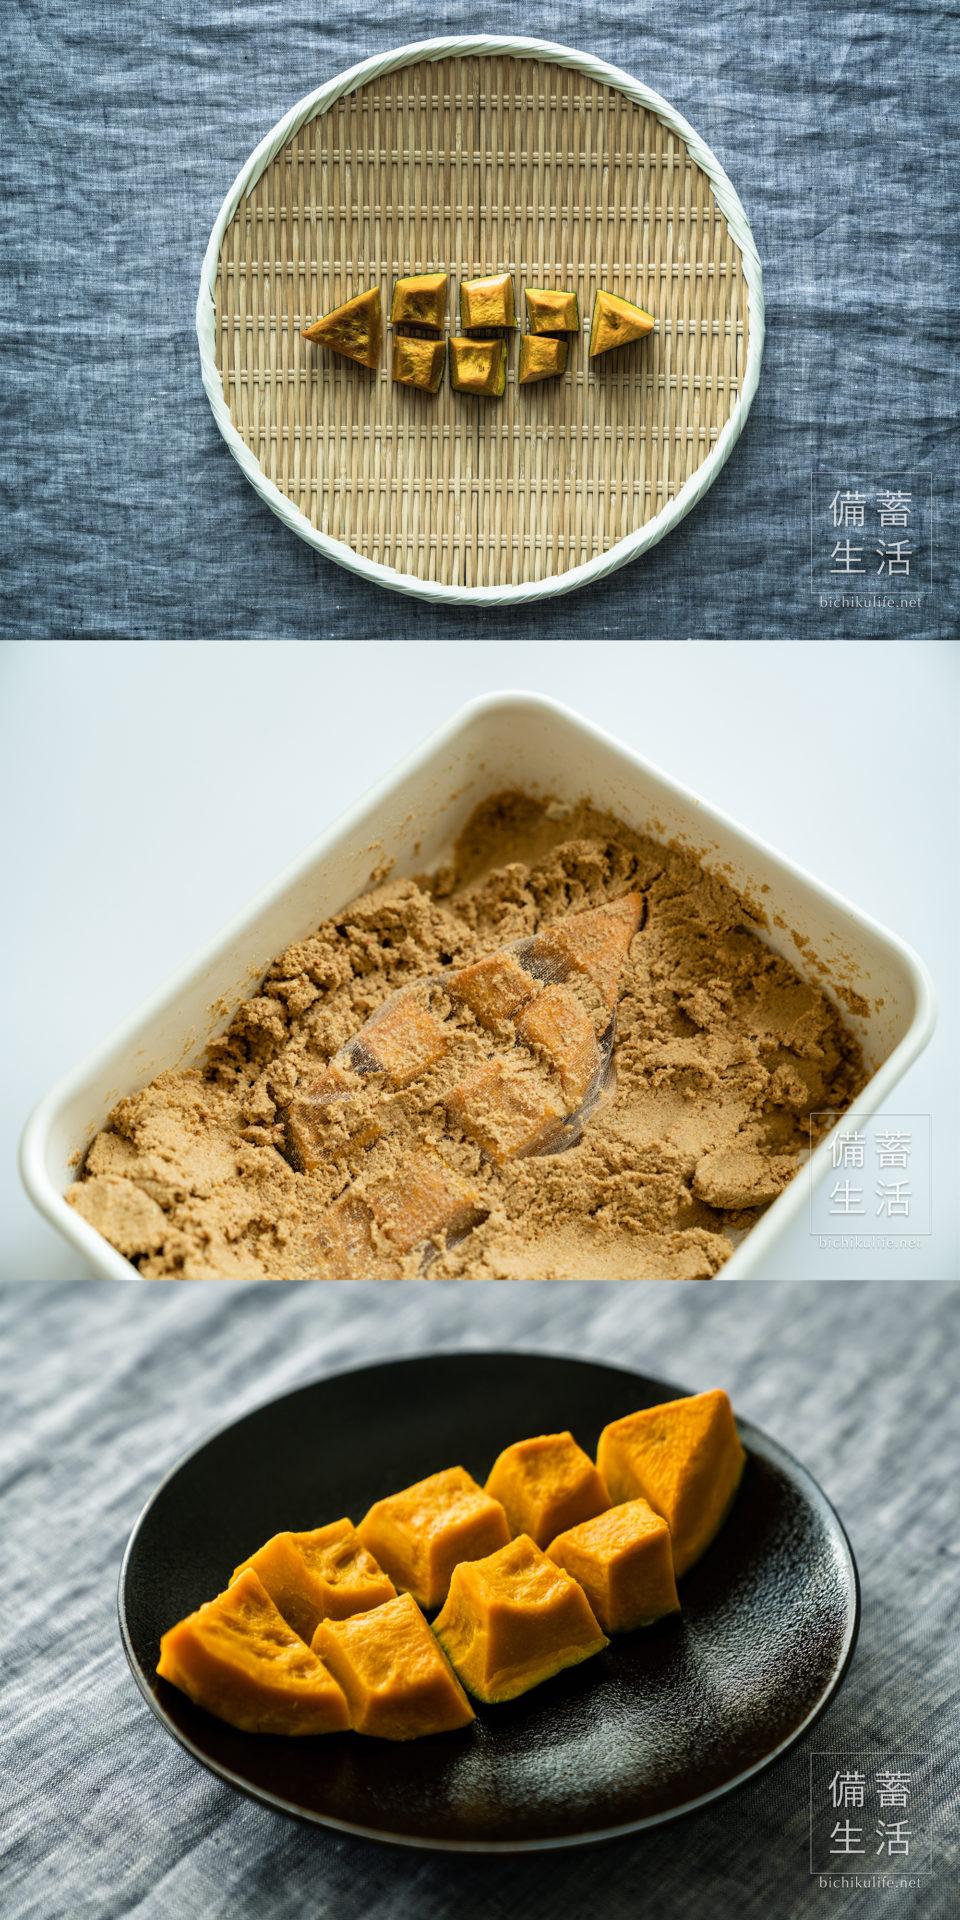 かぼちゃのぬか漬けの作り方